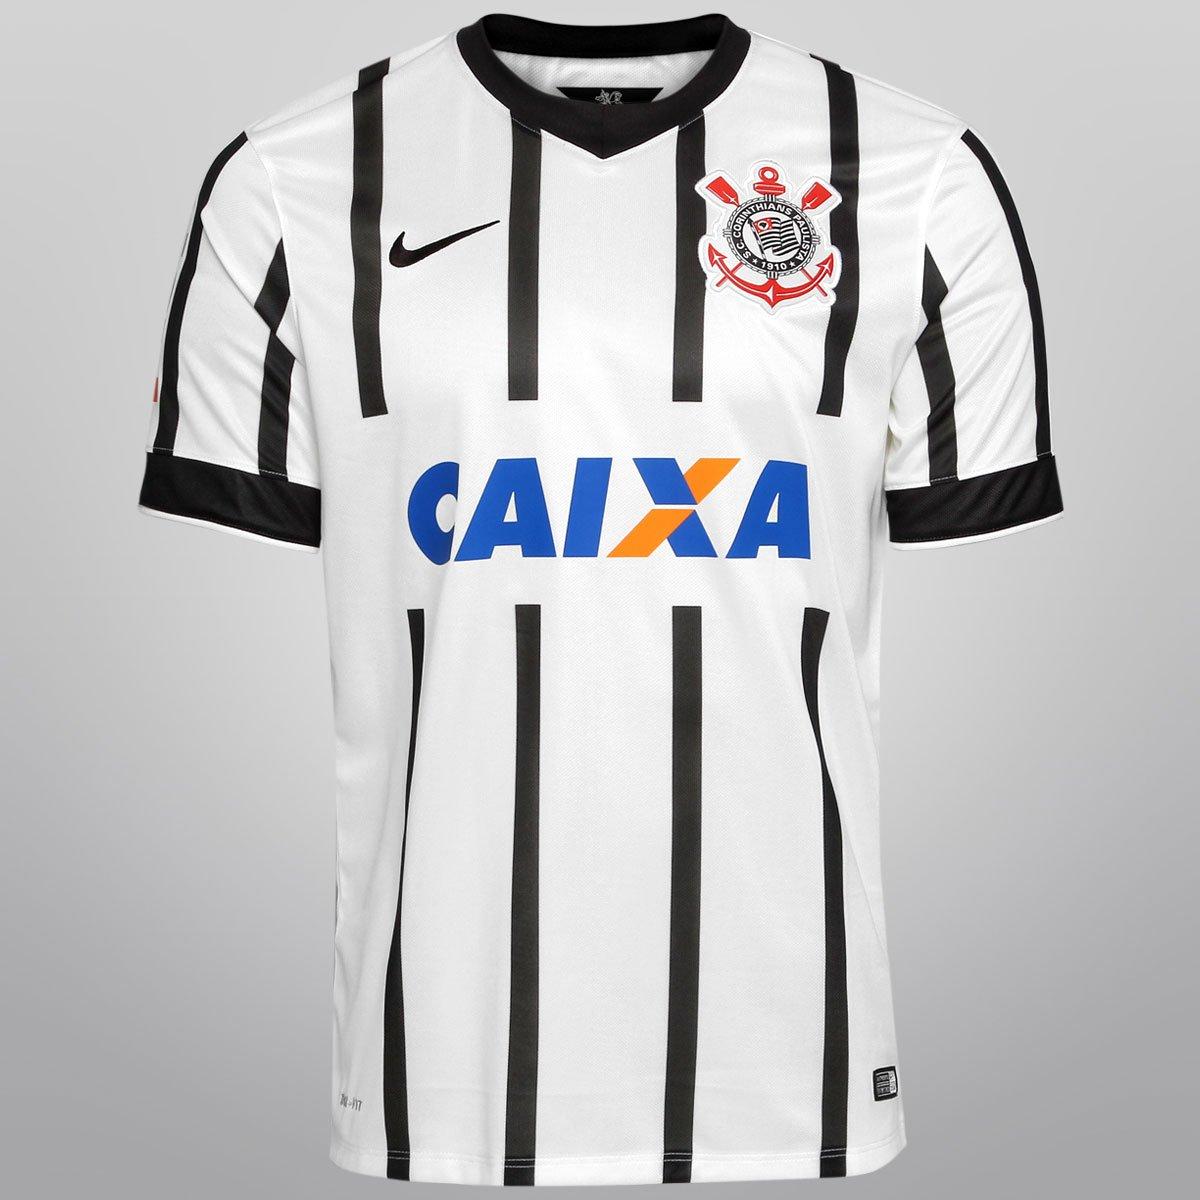 Camisa Nike Corinthians I 14 15 s nº - Torcedor - Compre Agora ... 18890f3e8dcbe